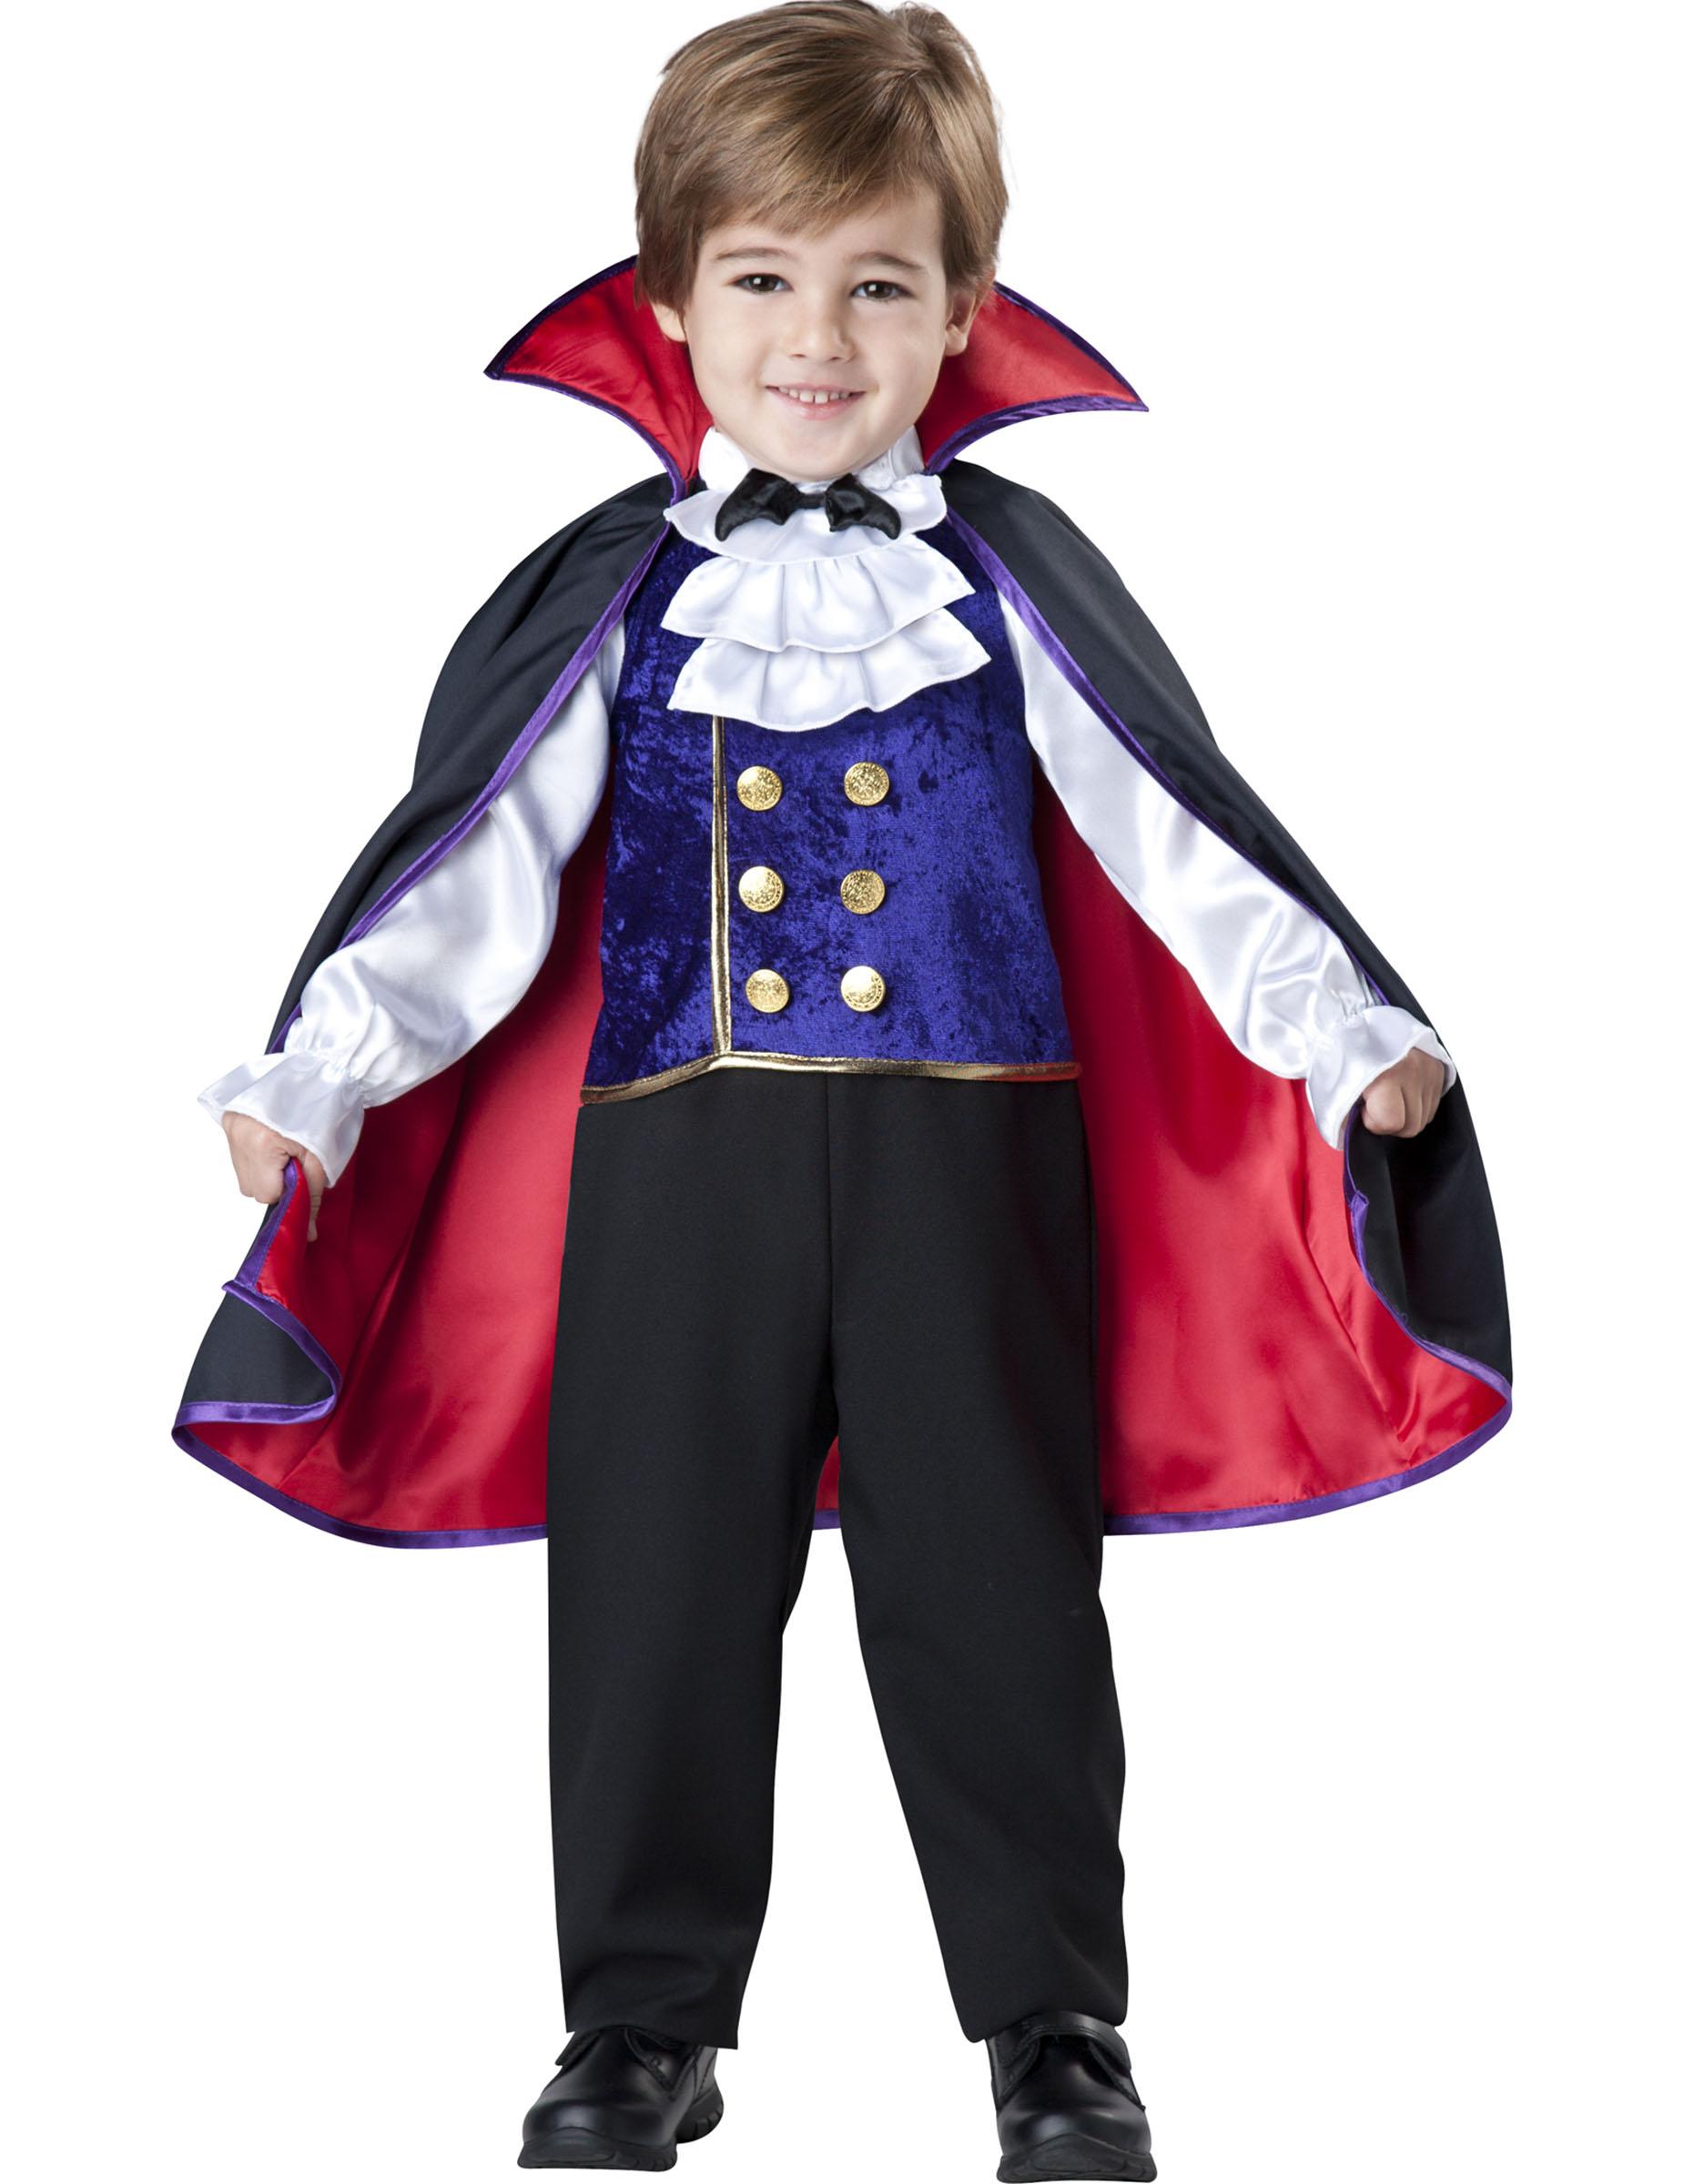 d guisement vampire pour enfant premium deguise toi achat de d guisements enfants. Black Bedroom Furniture Sets. Home Design Ideas